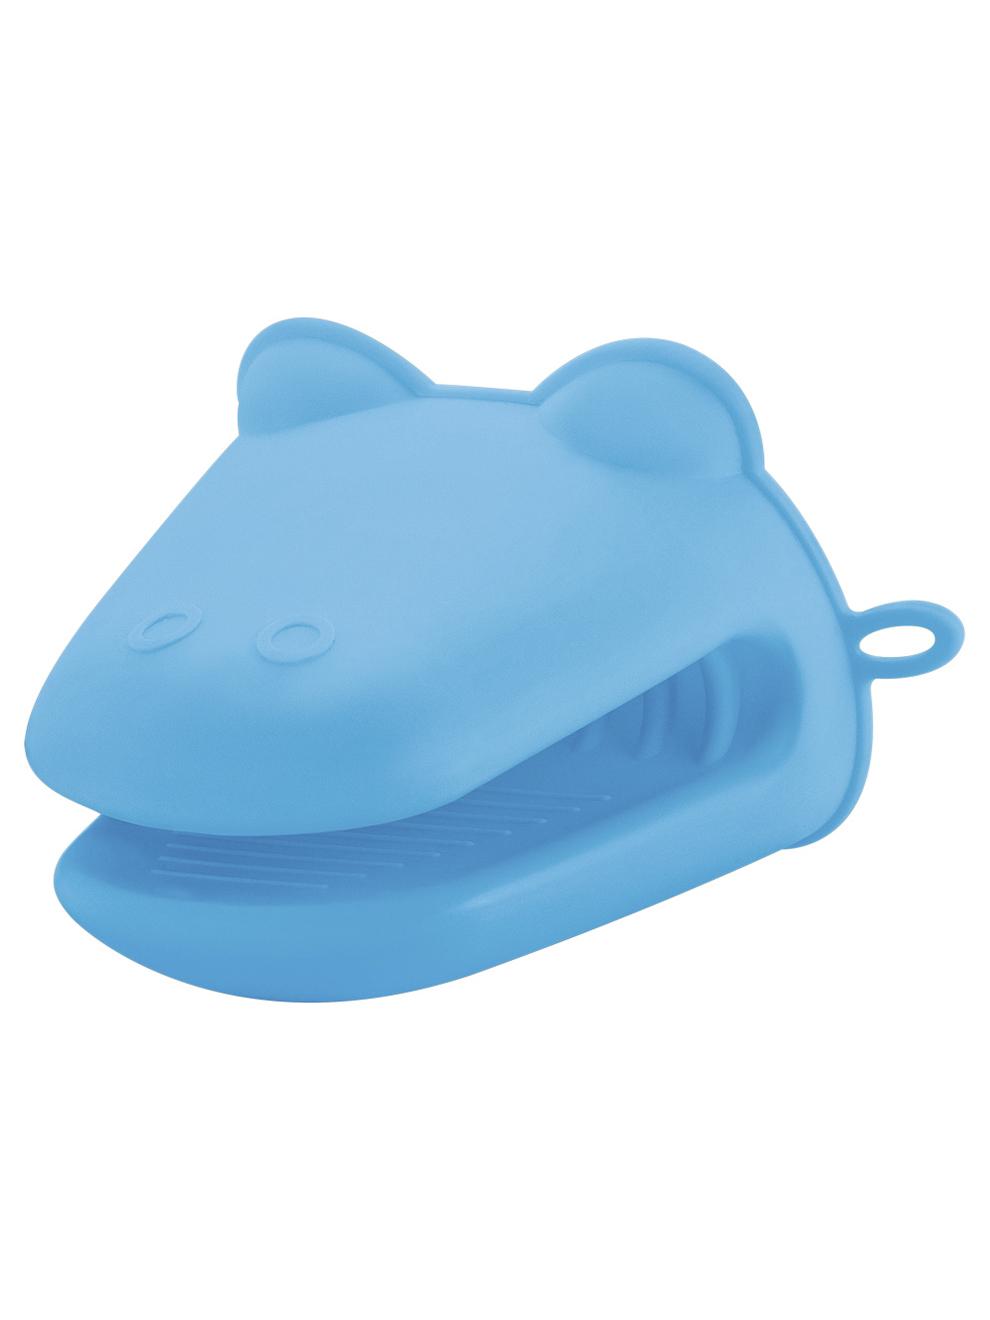 Прихватка силиконовая Guffman голубая